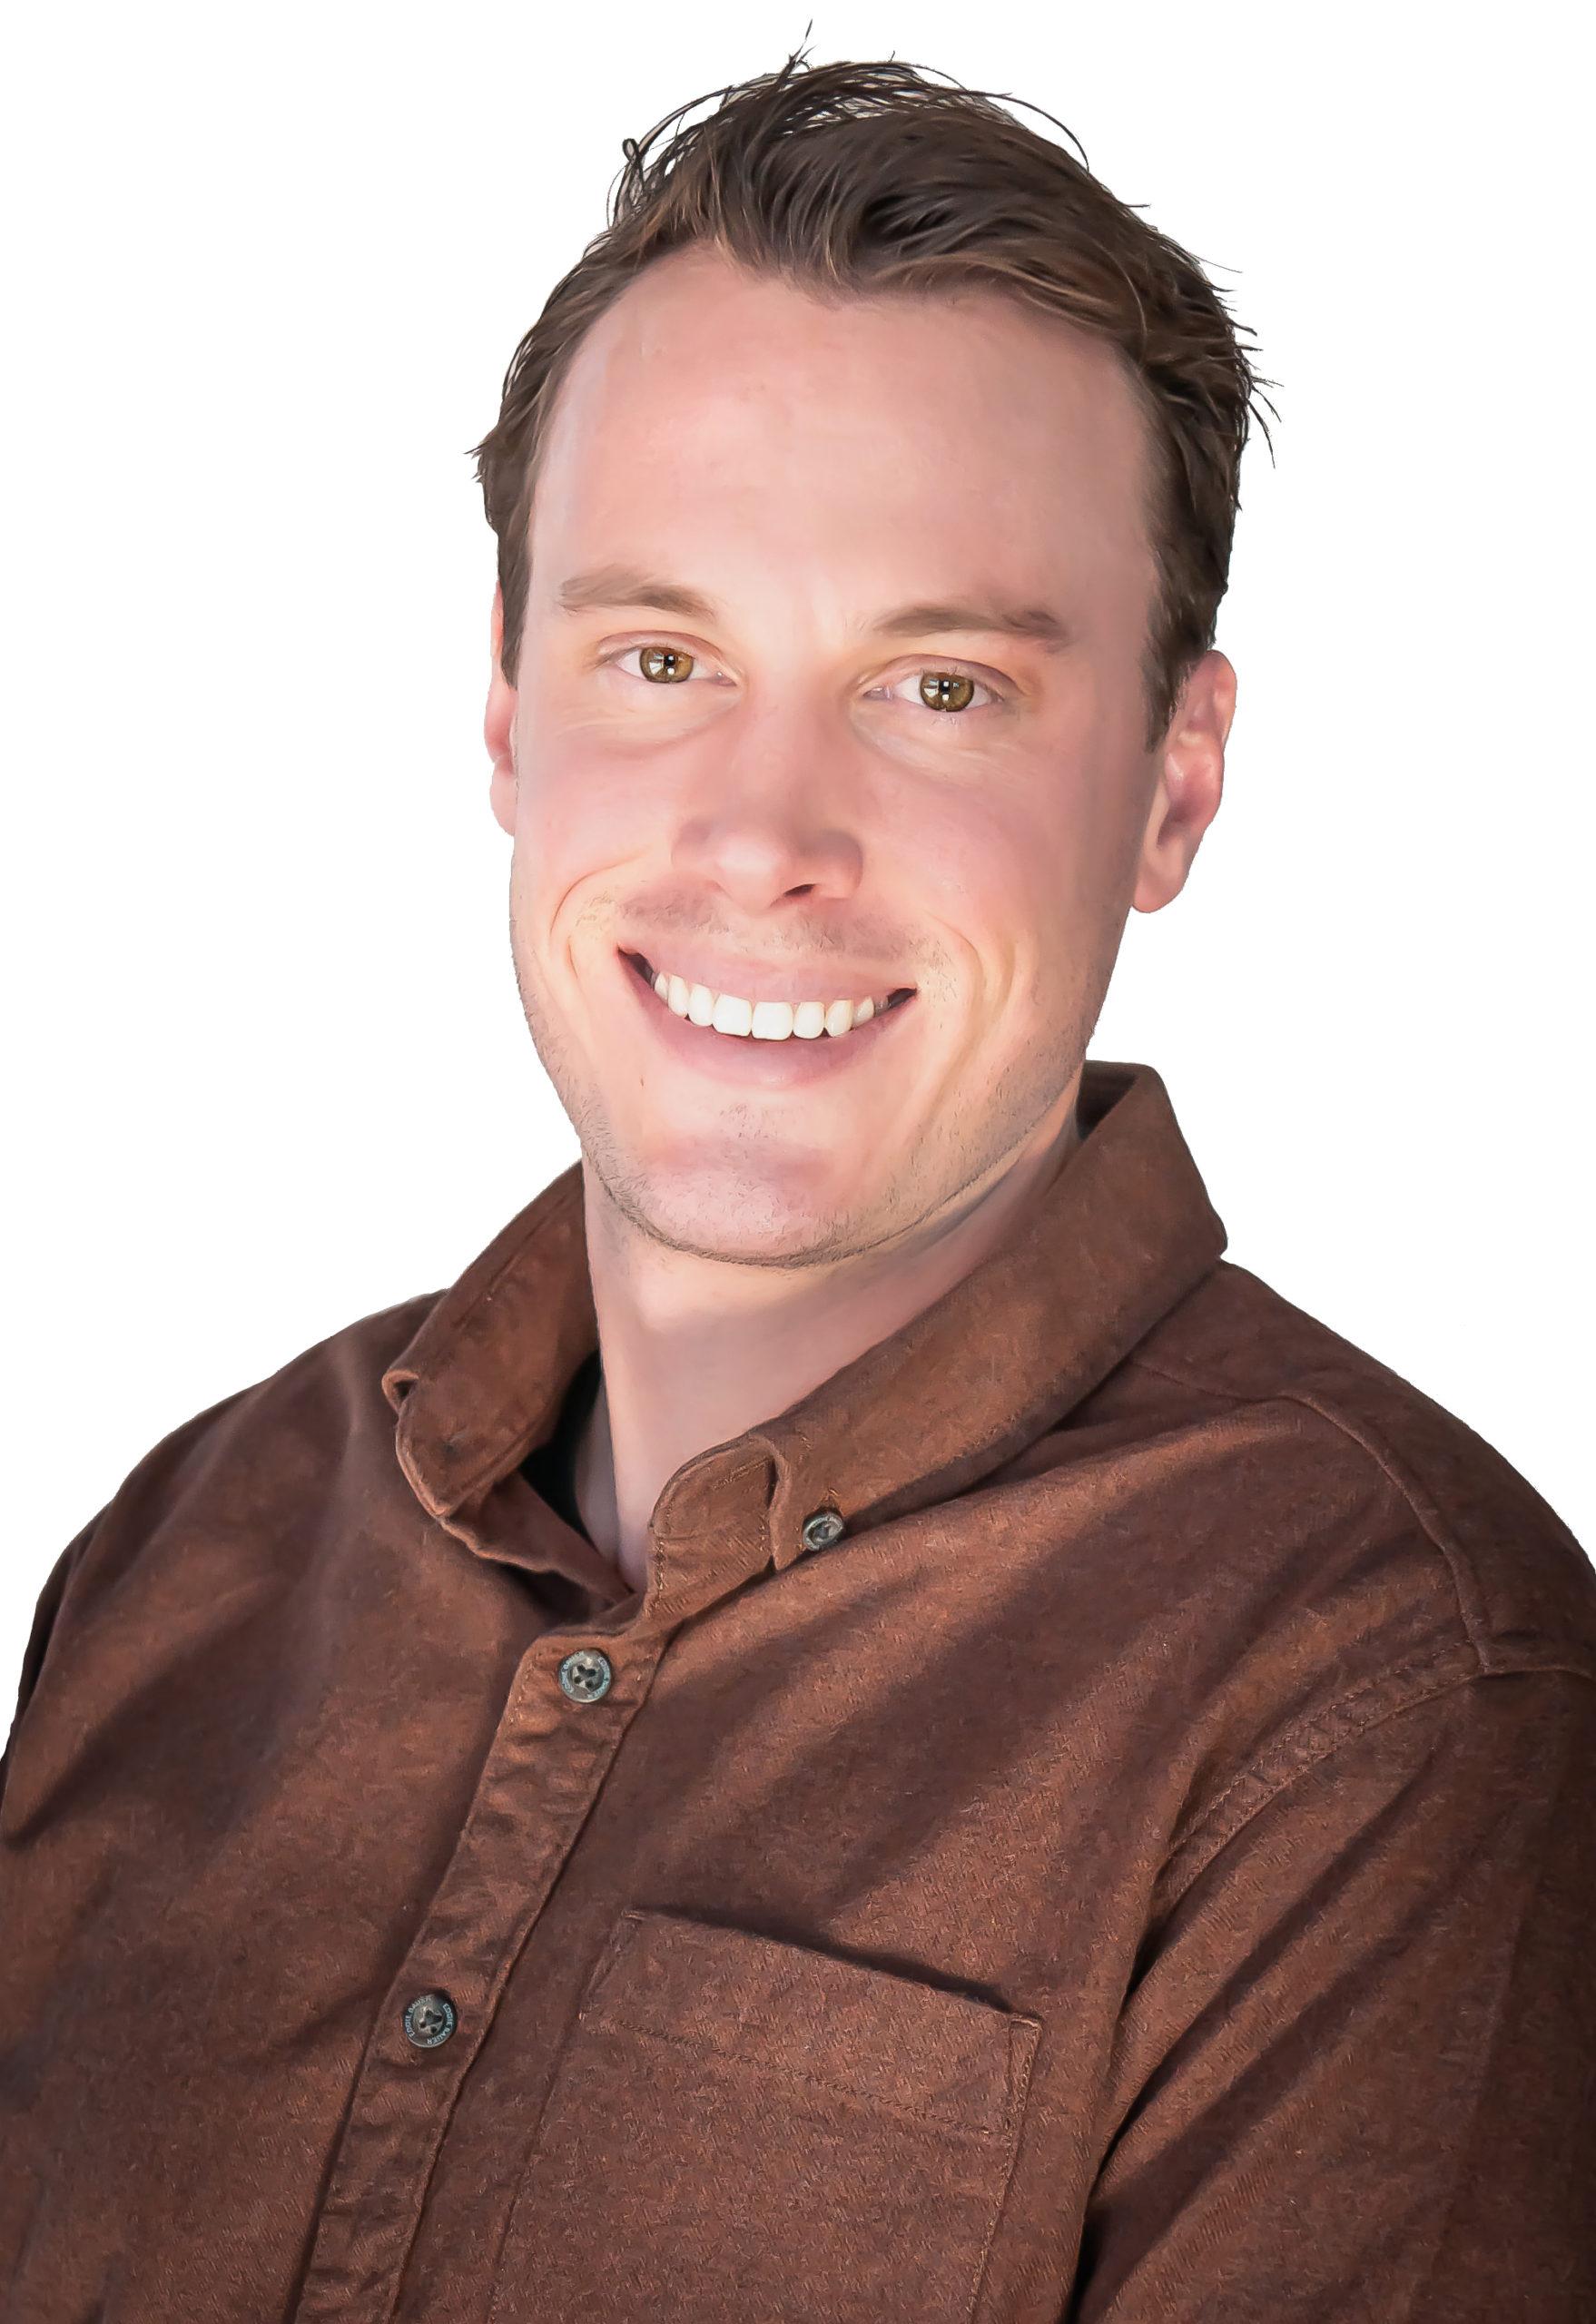 Dylan Lierd